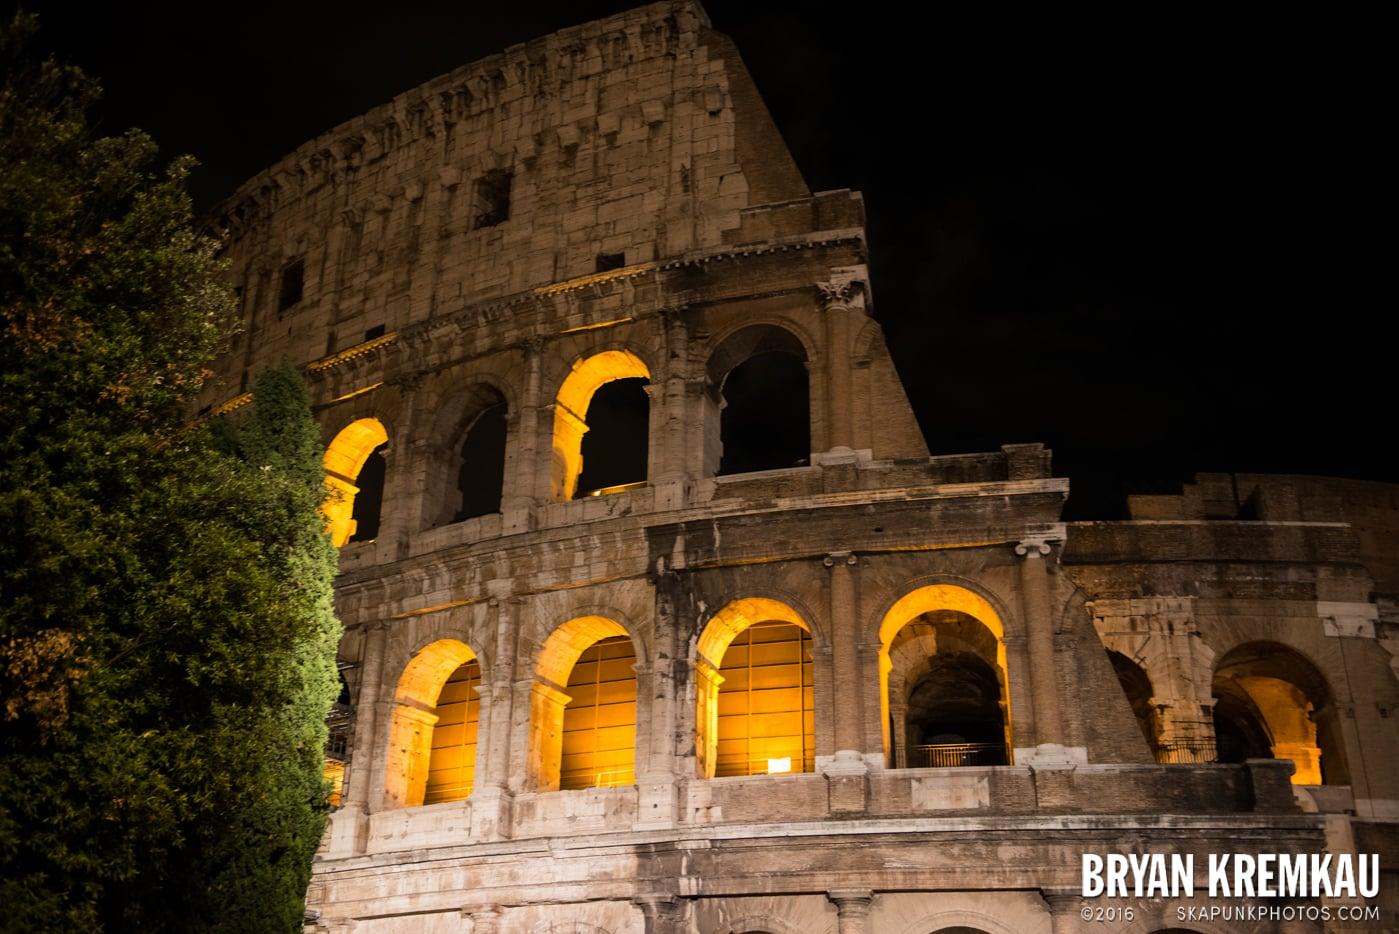 Italy Vacation - Day 2: Rome - 9.10.13 (4)